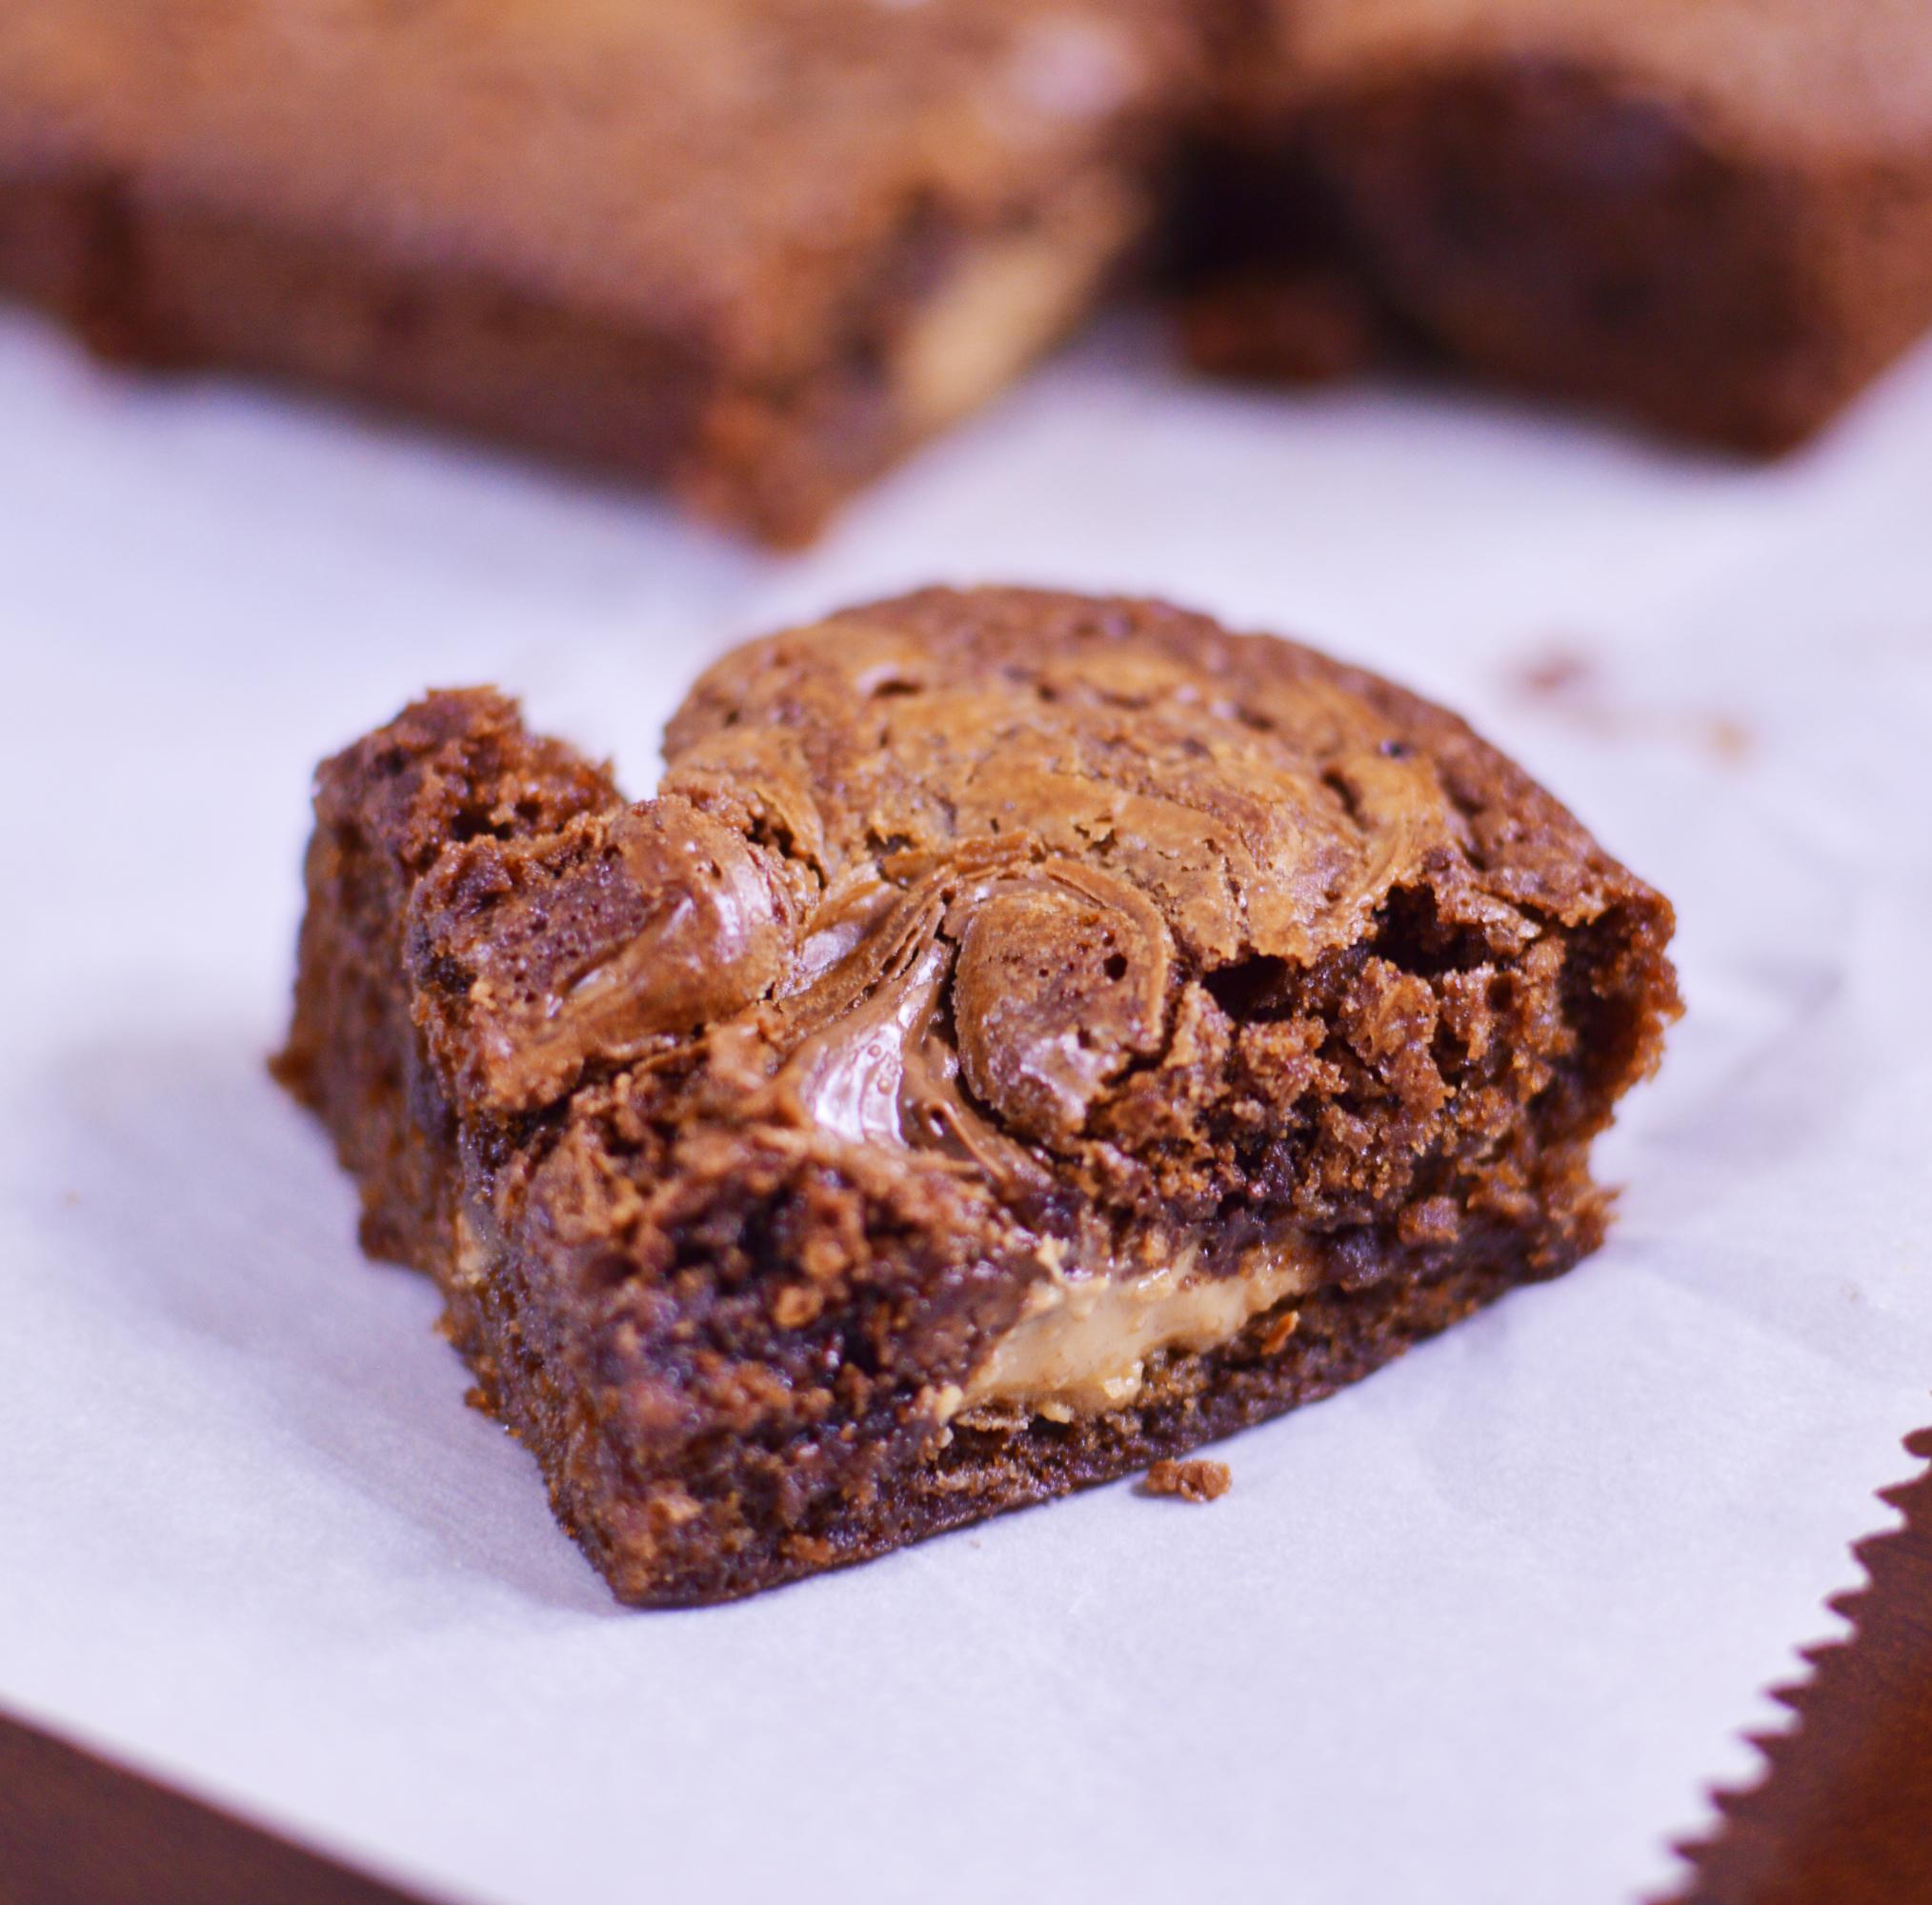 The Best Easy Fudge Brownie Recipe by Enjoying Simple